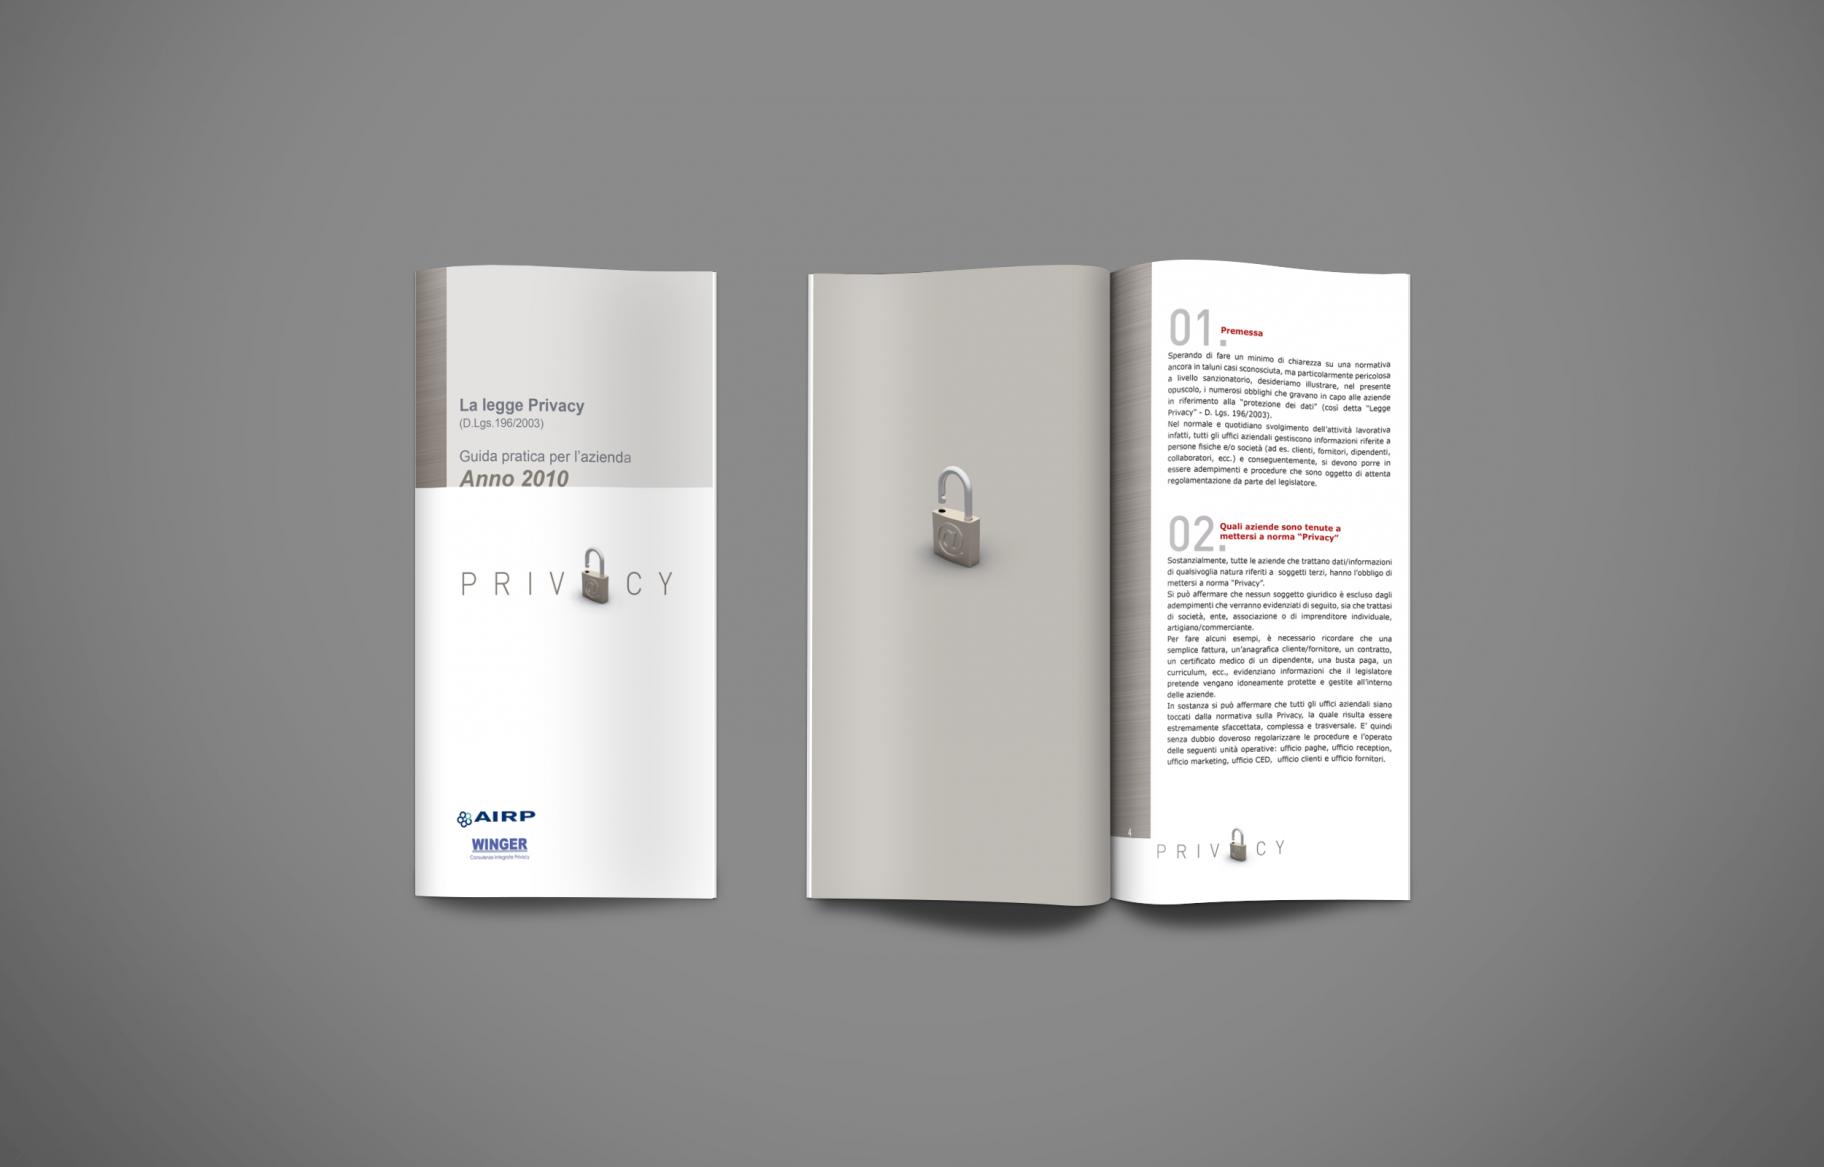 AIRP-La Legge PRIVACY-Brochure